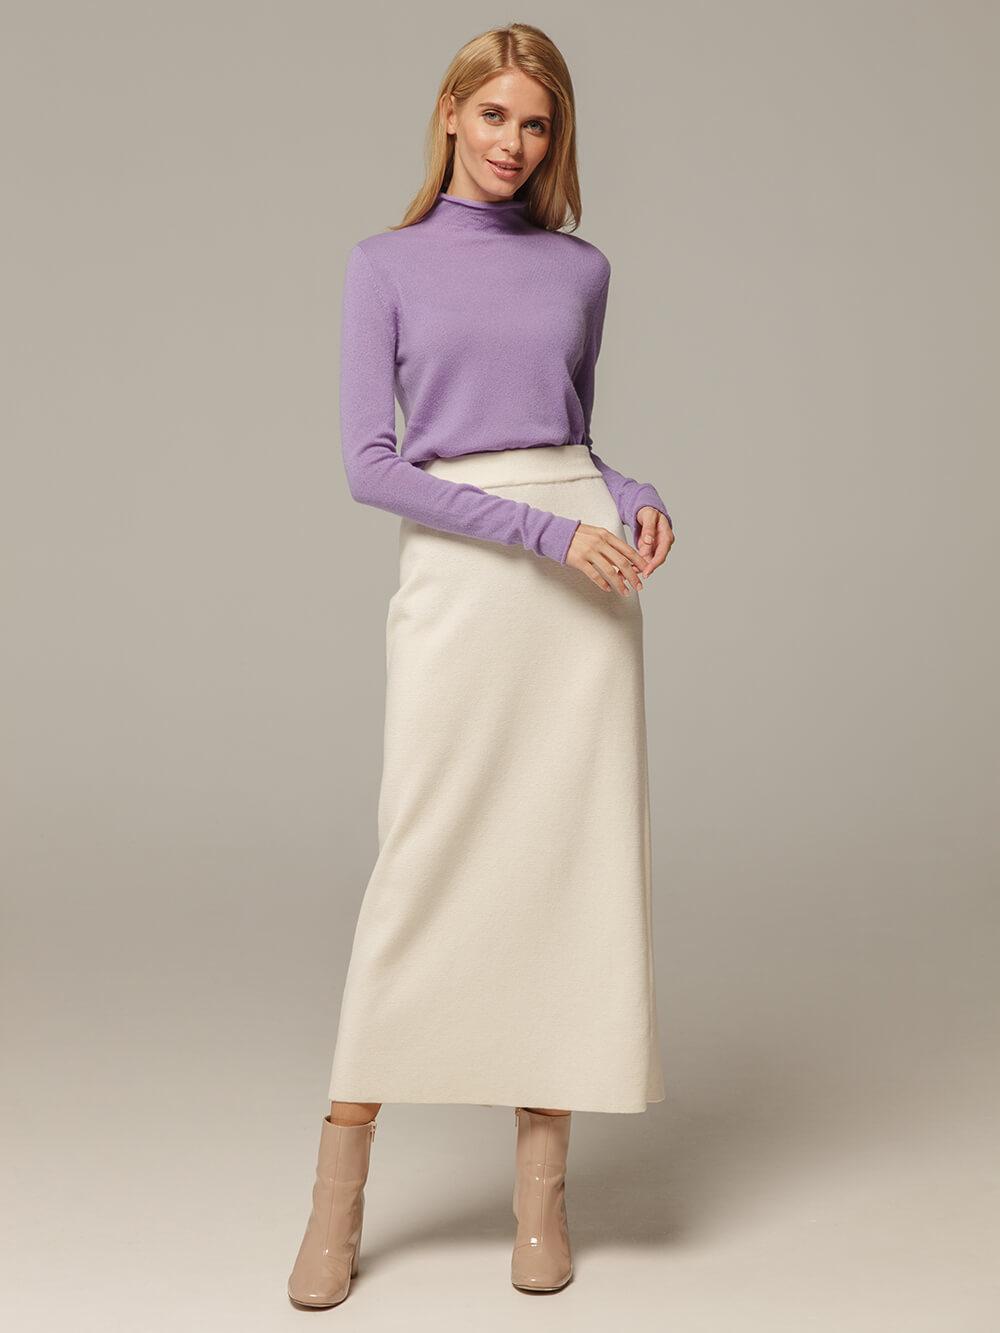 Женская белая юбка с разрезом из 100% кашемира - фото 1